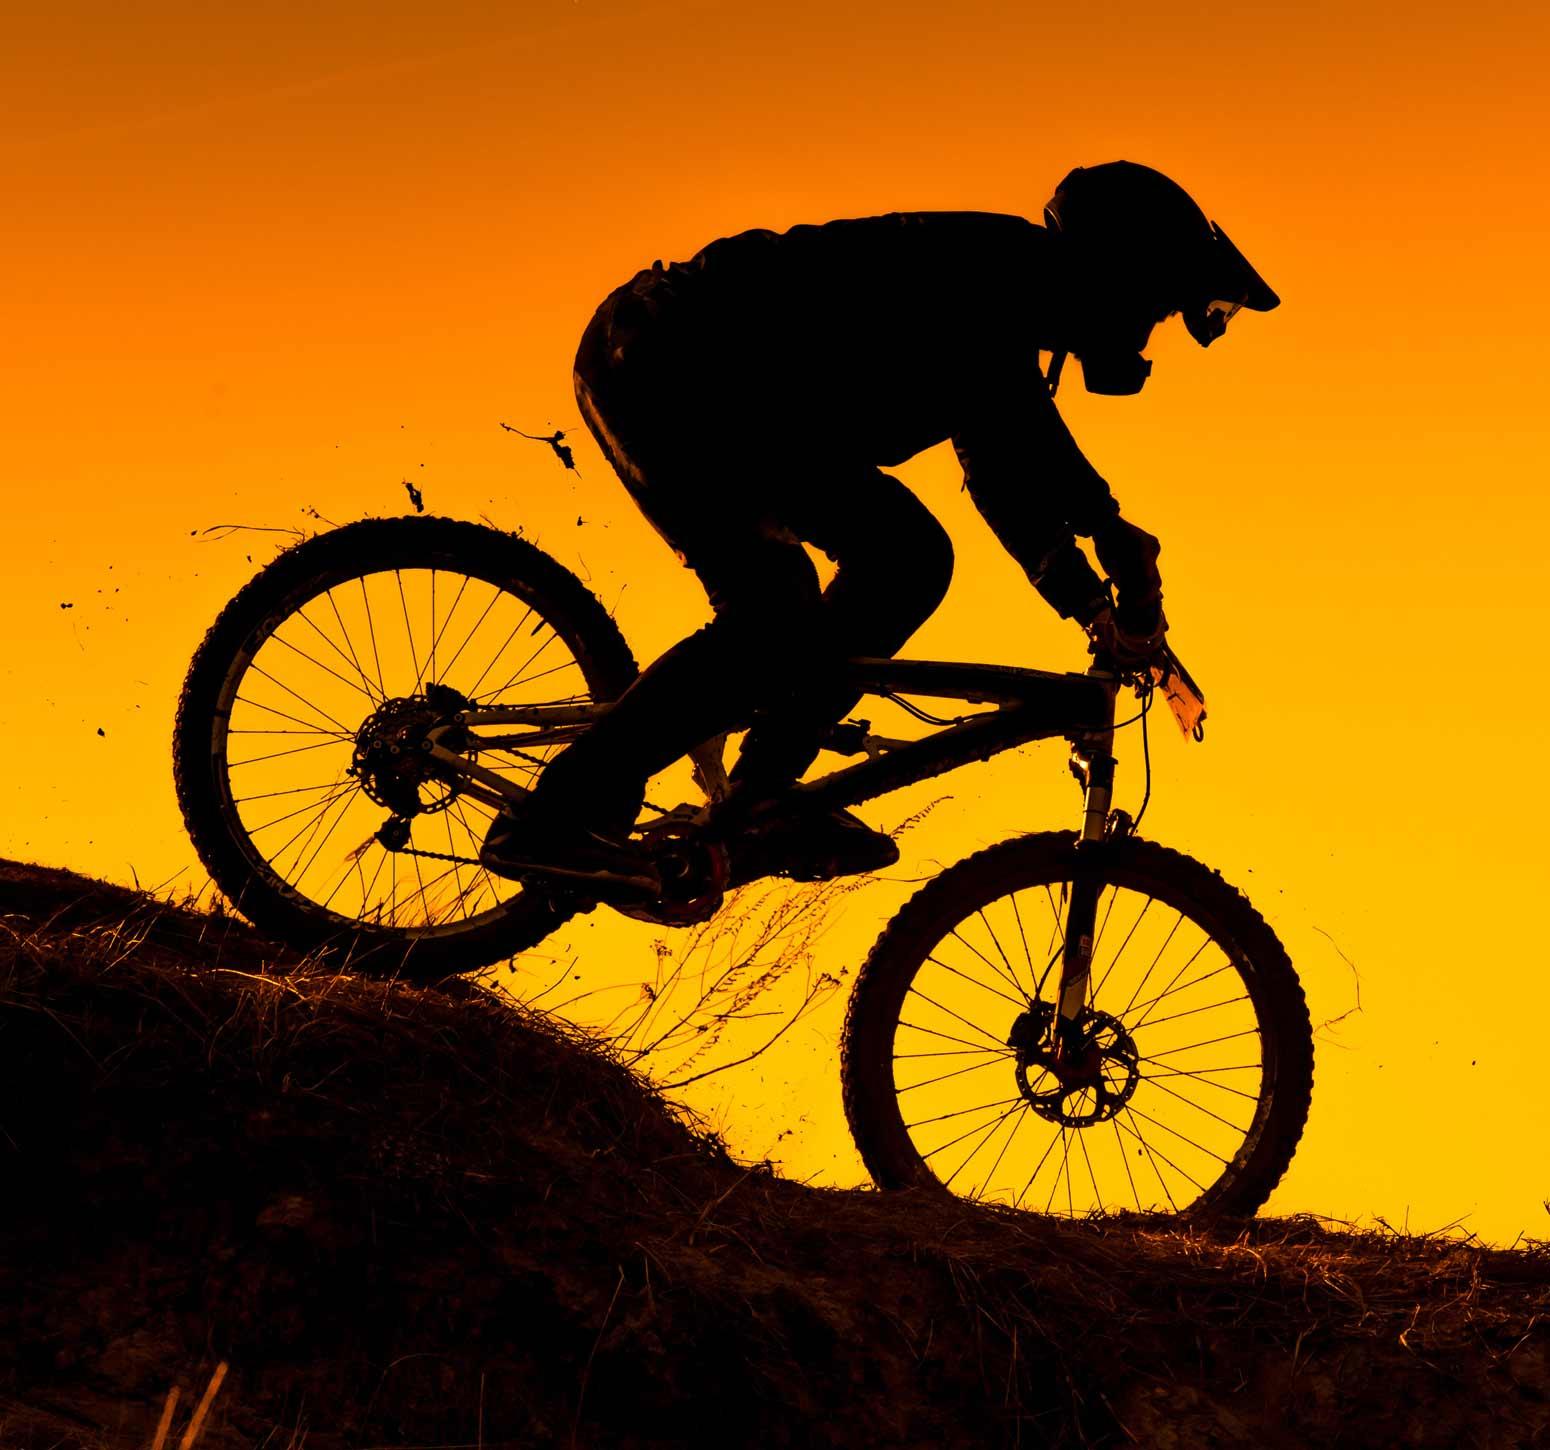 ciclismo-Grid-Inicio-Categorias